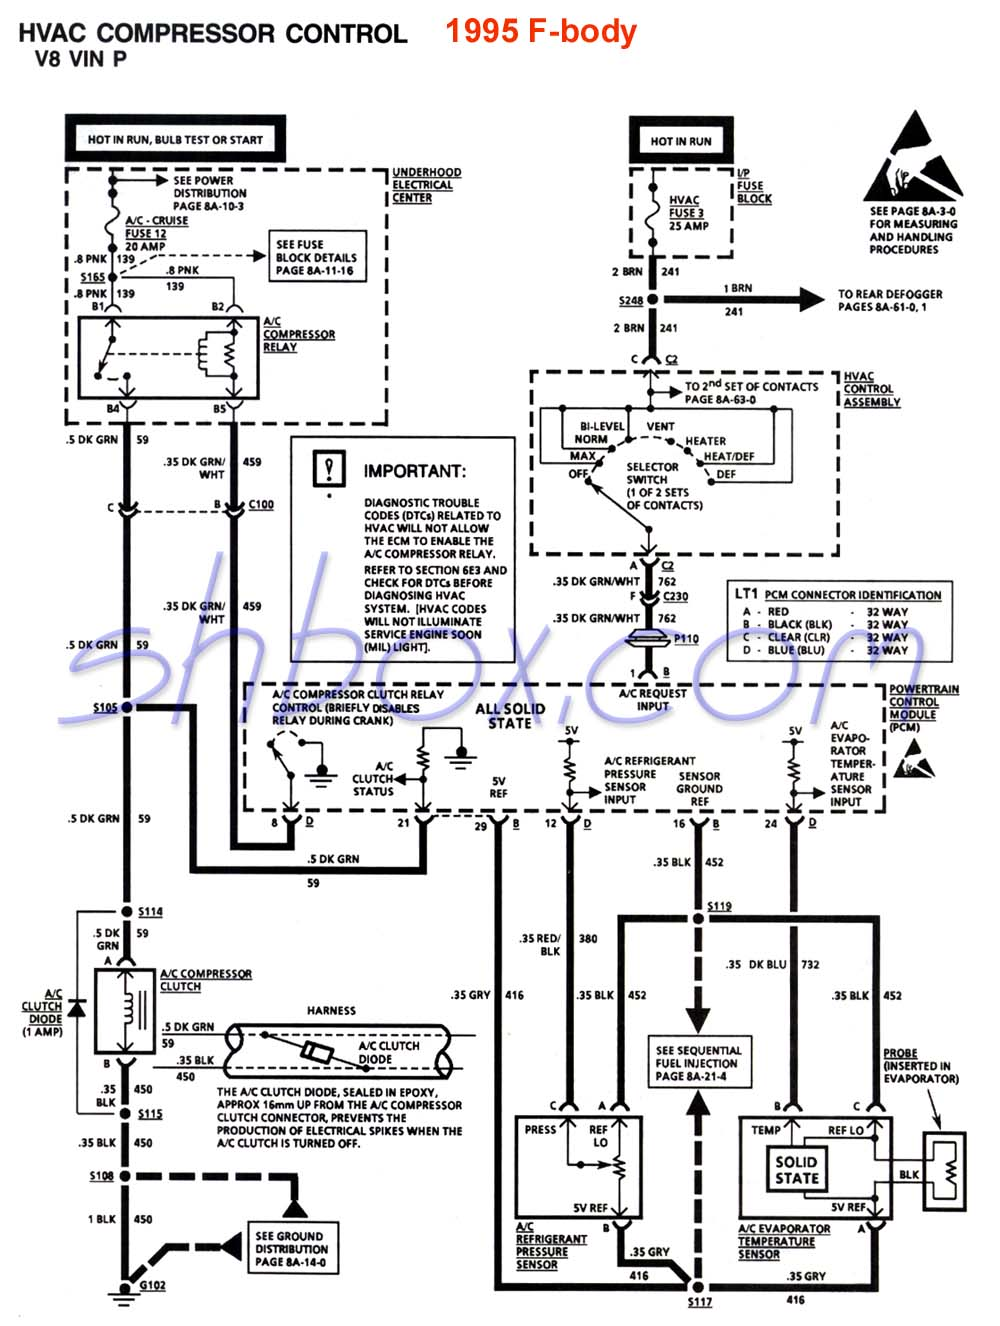 lloyd ac wiring diagram free download wiring diagram xwiaw ac plug rh xwiaw us AC Electrical Wiring Diagrams AC Plug Wiring Diagram